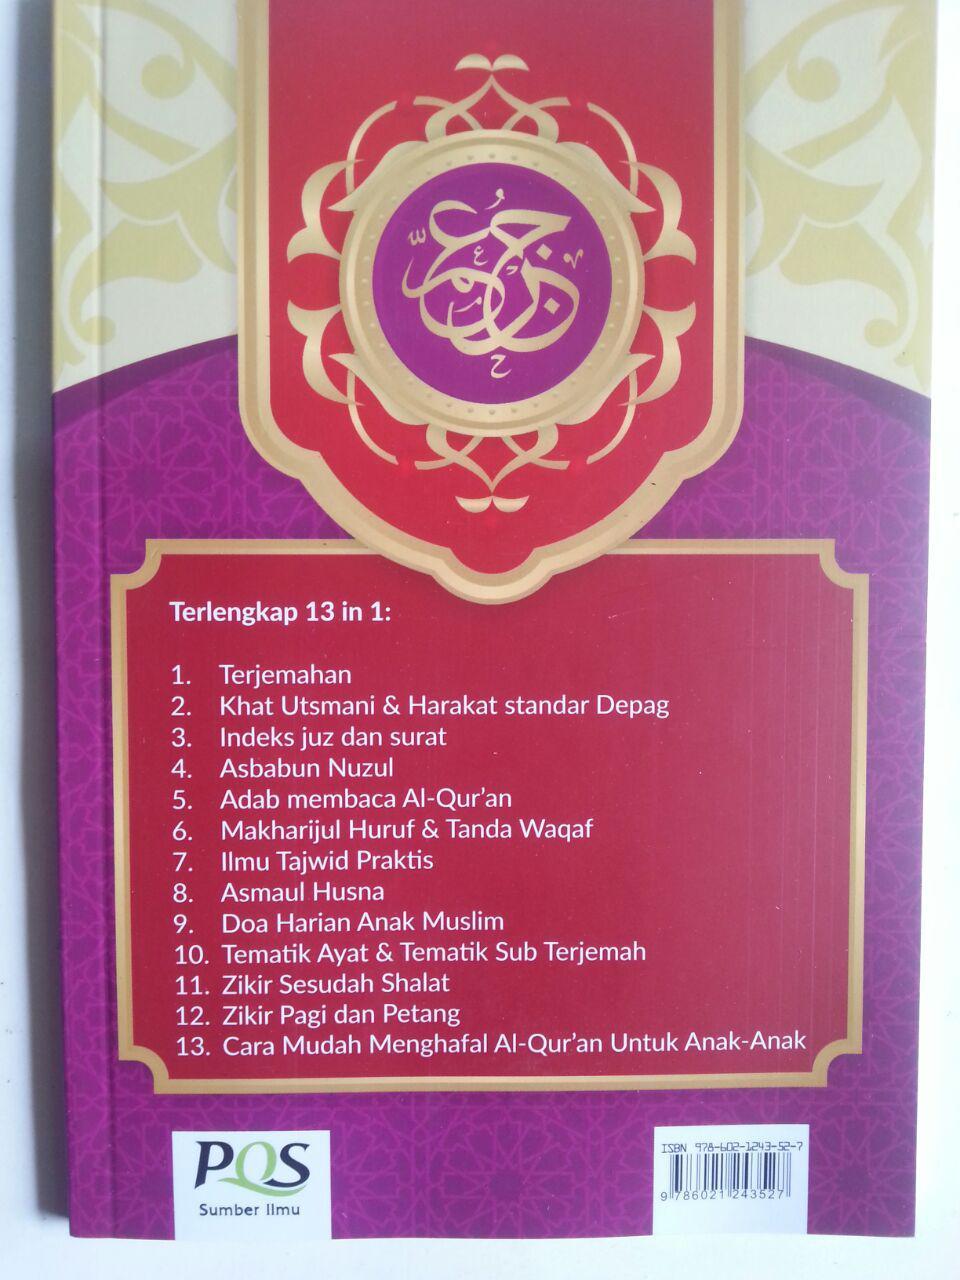 Buku Juz Amma Terjemahan Terlengkap 13 In 1 cover